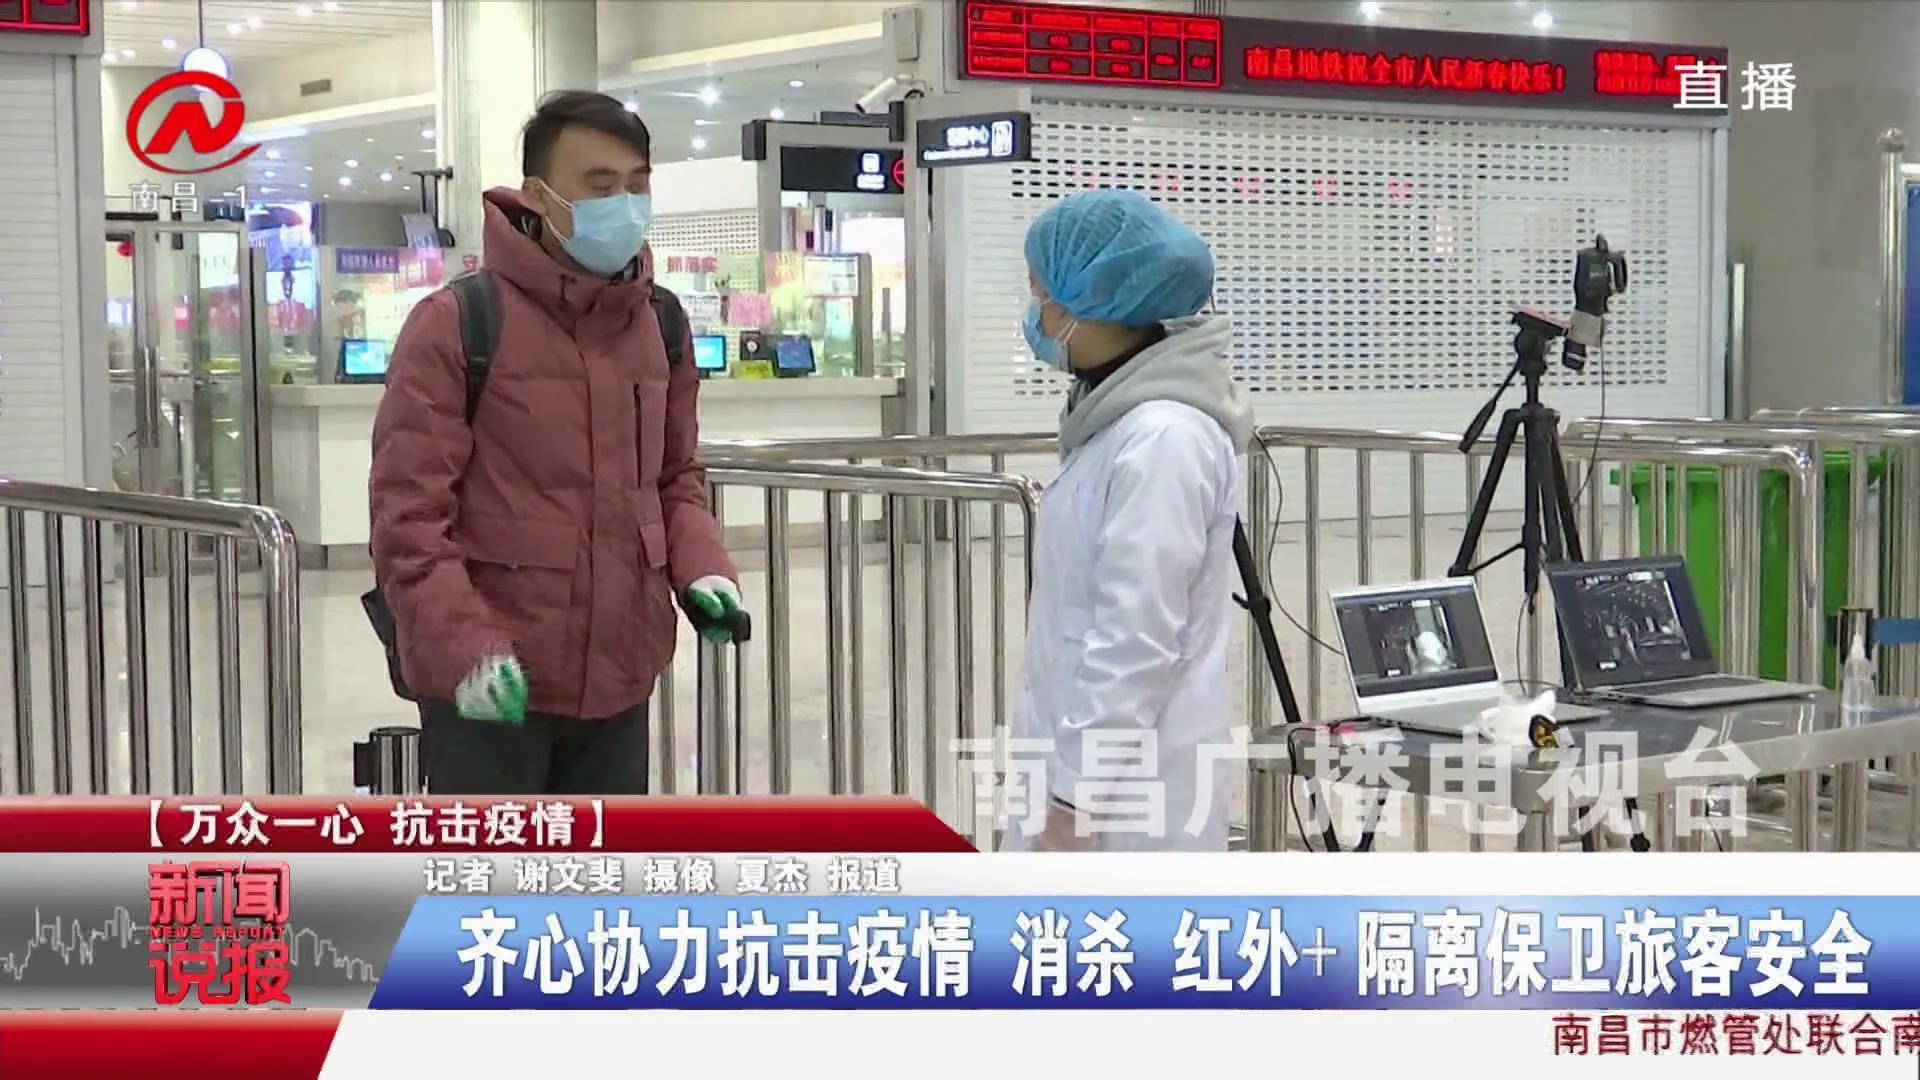 齐心协力抗击疫情  消杀 红外+隔离保卫旅客安全